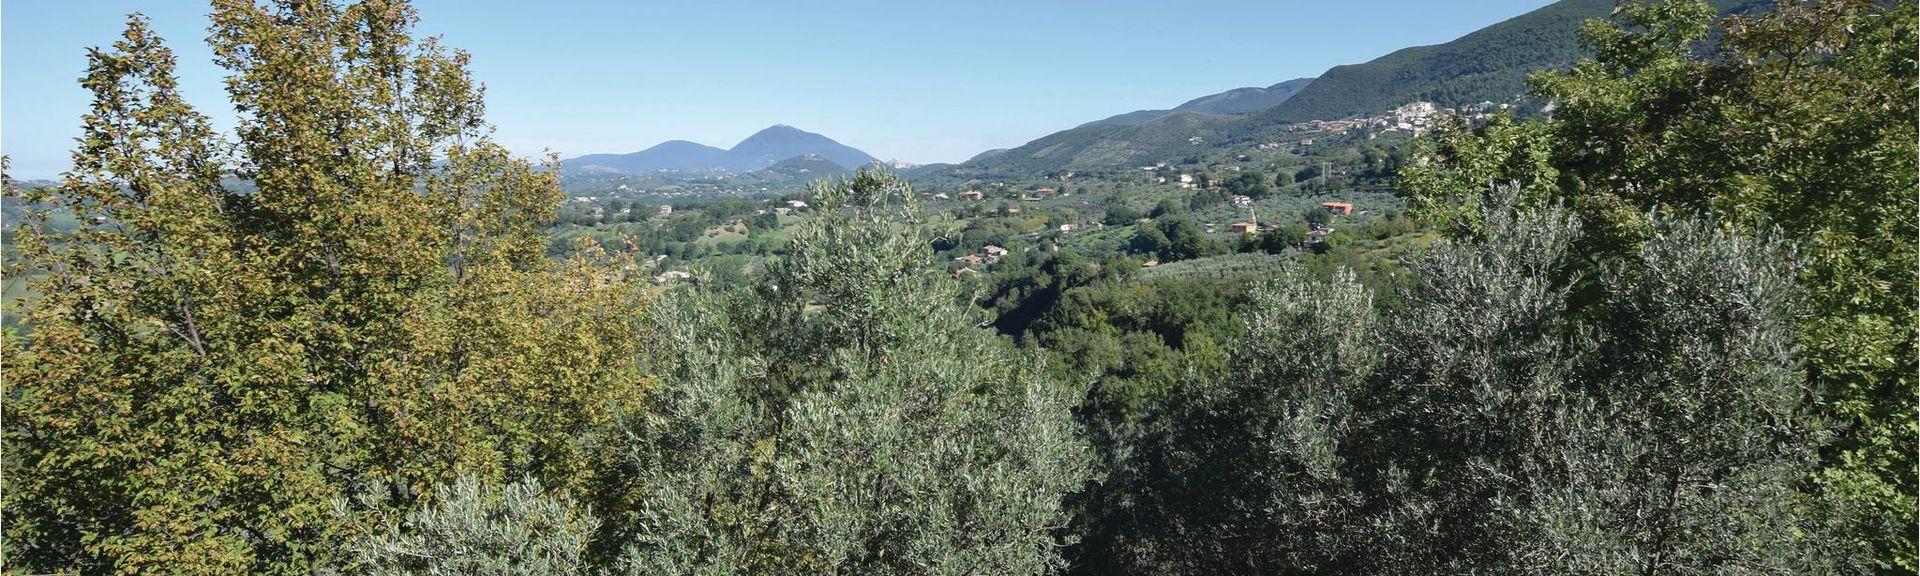 Poggio San Lorenzo, Rieti, Lazio, Italy